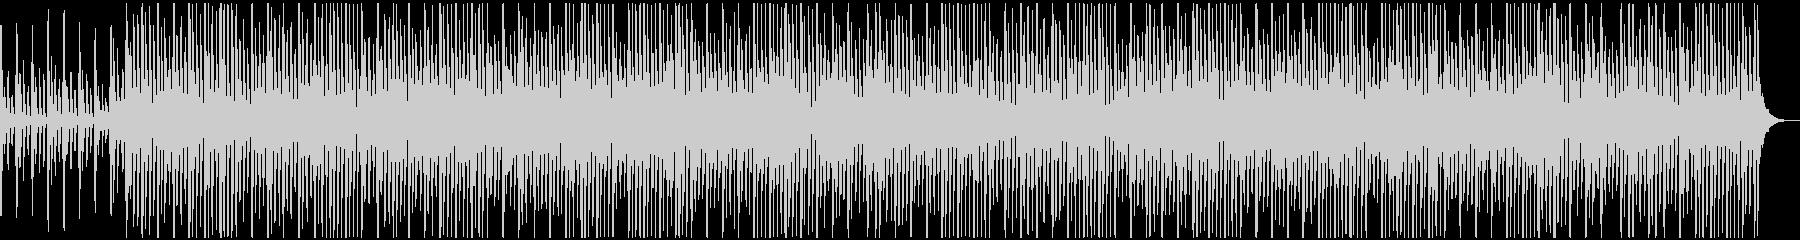 口笛とウクレレの可愛いポップスBGMの未再生の波形